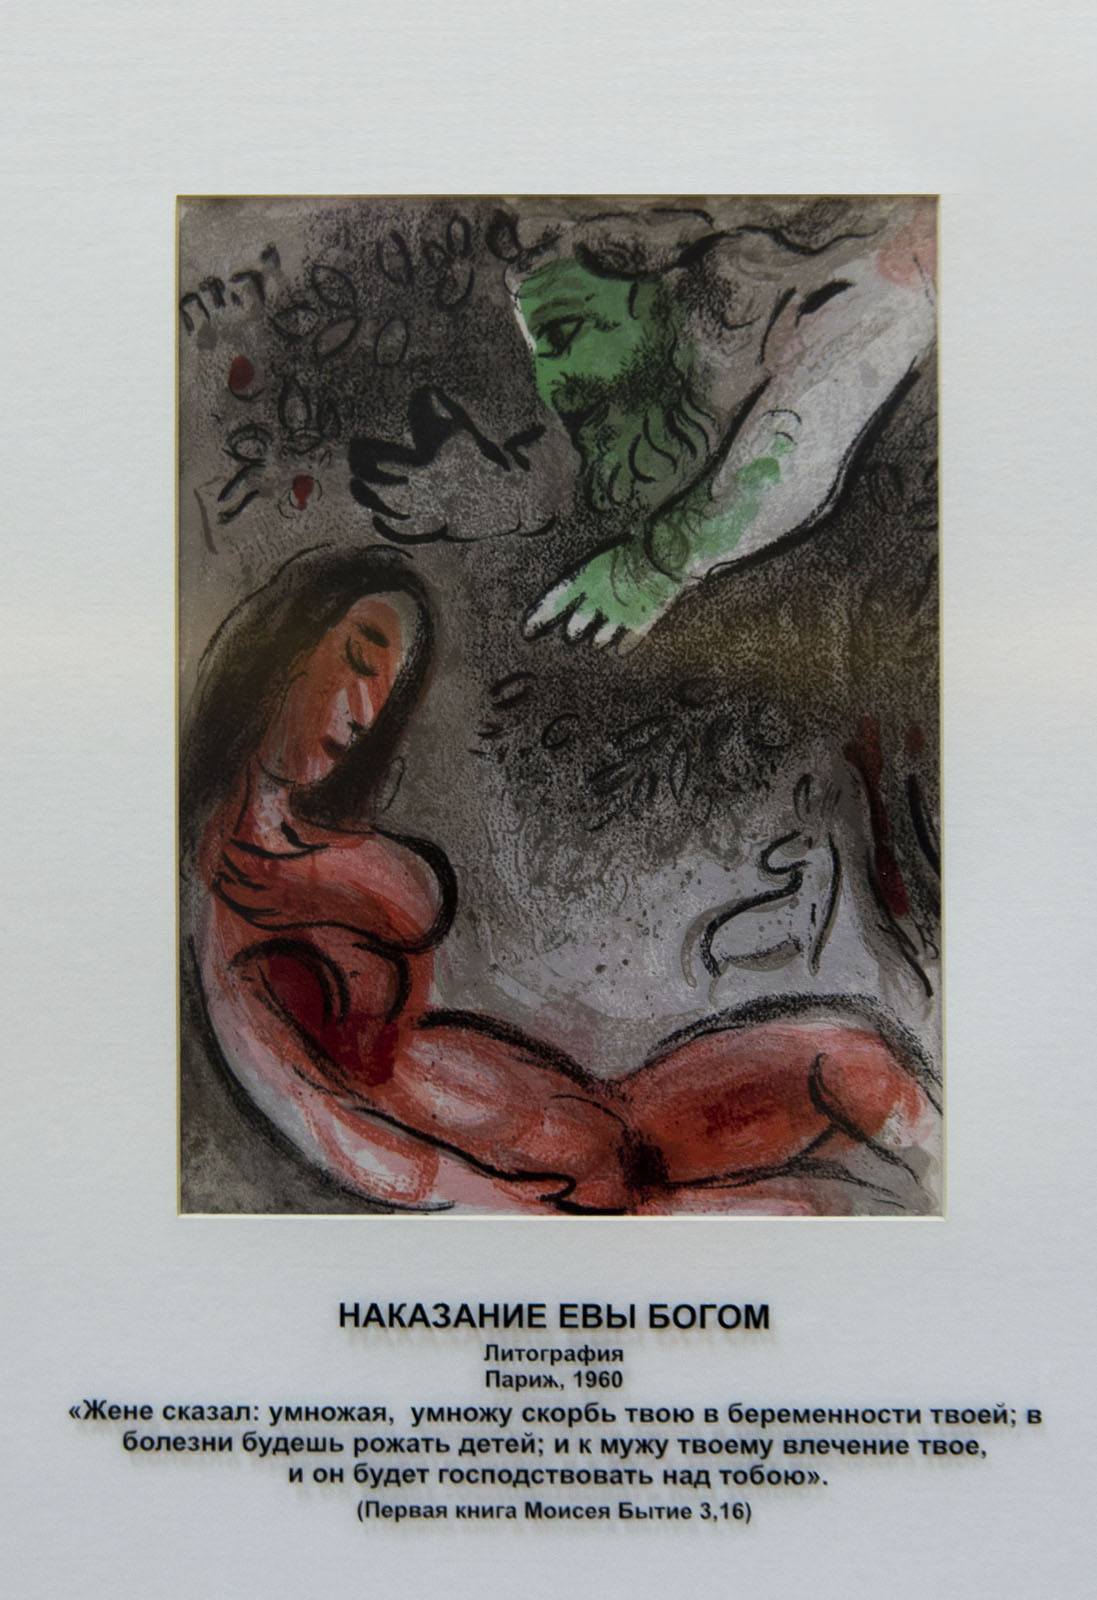 Фото №74376. «Наказание Евы Богом», Марк Шагал, литография, Париж, 1960